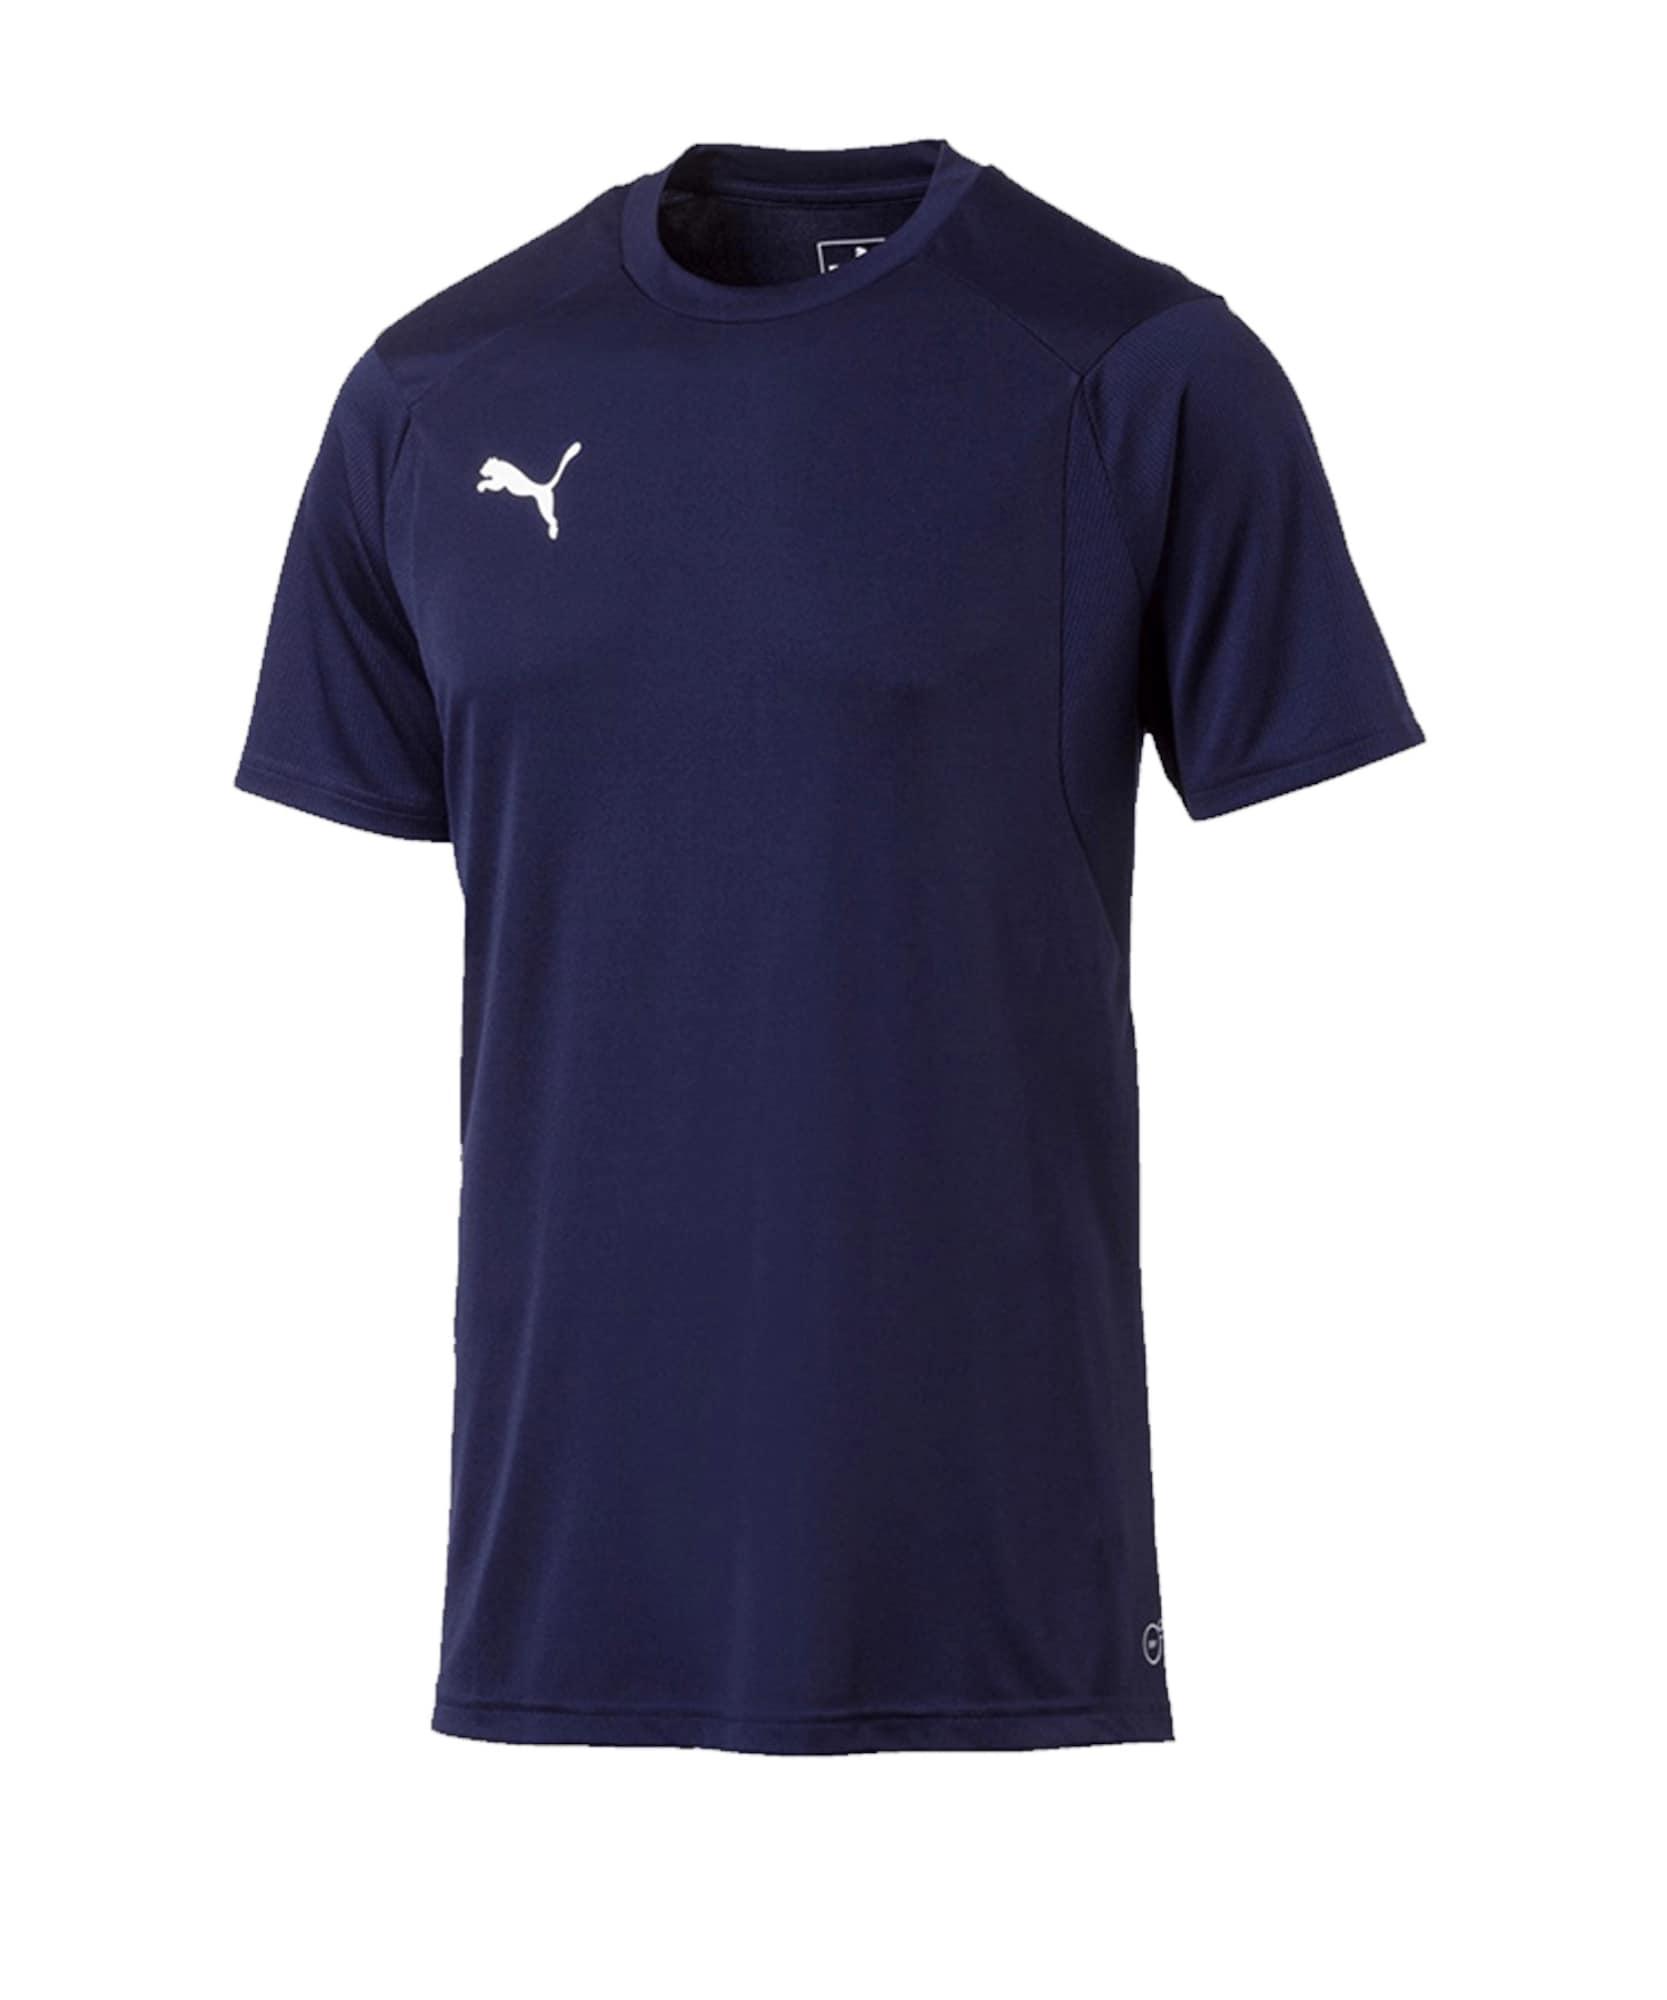 PUMA Sportiniai marškinėliai tamsiai mėlyna / balta